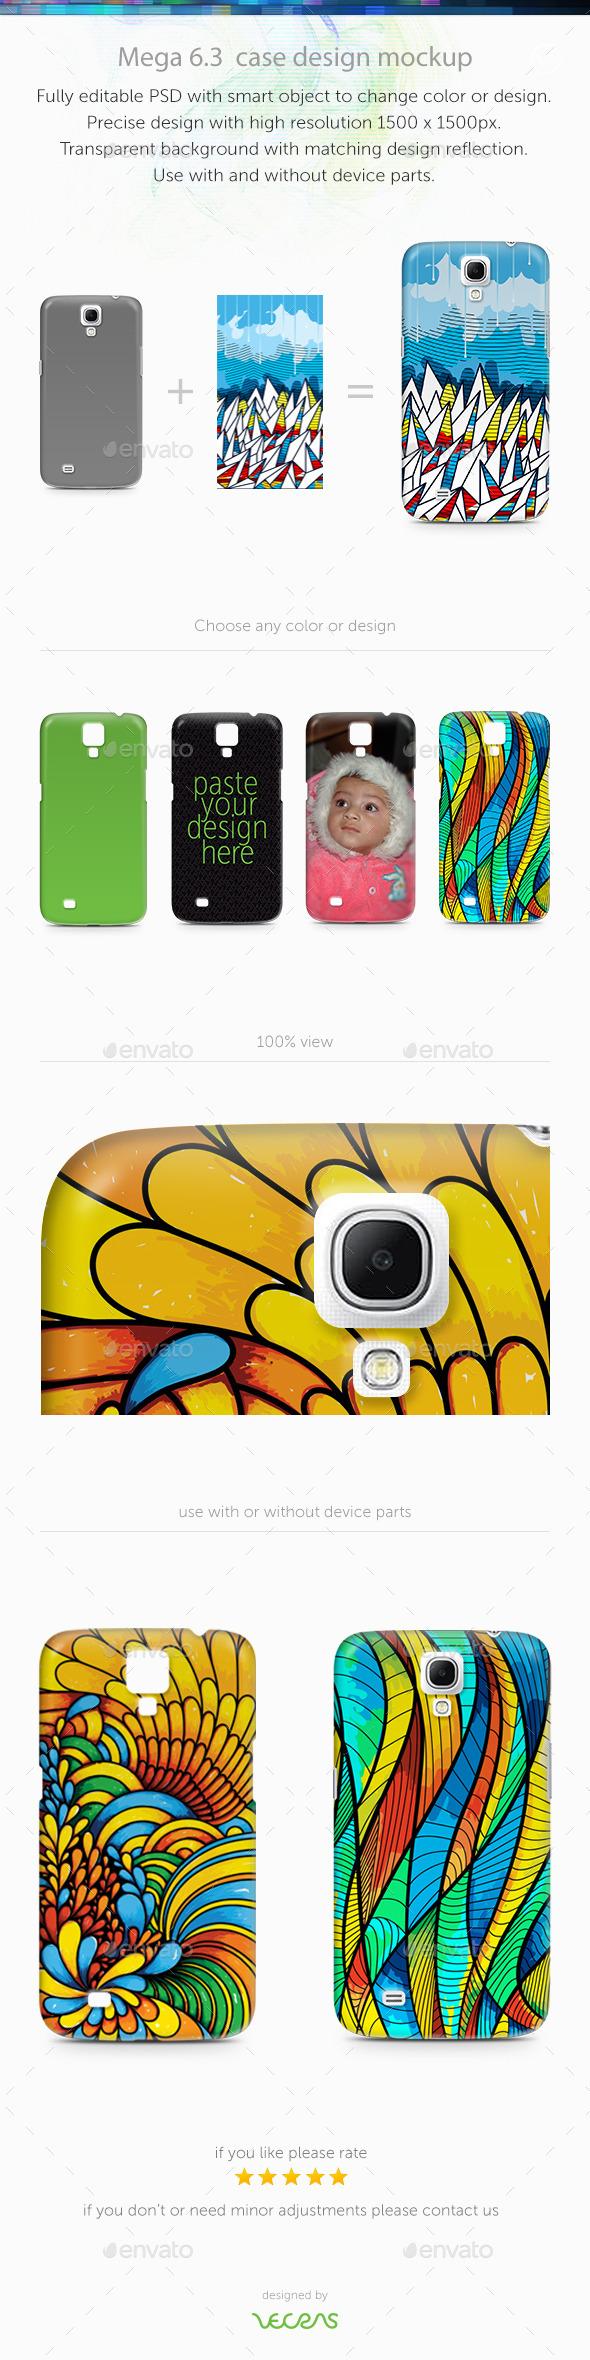 Mega 6.3 Case Design Mockup - Mobile Displays